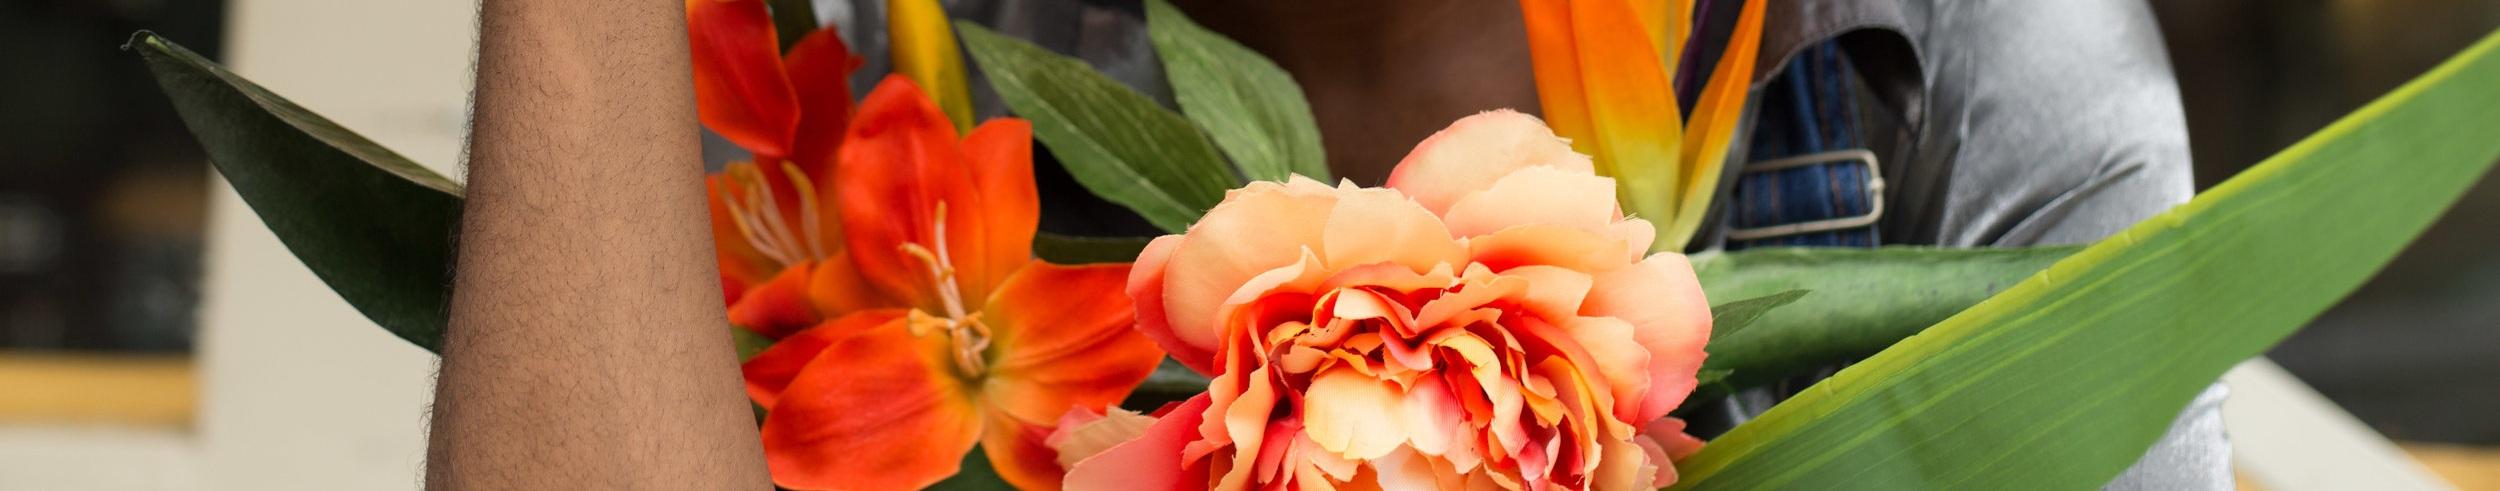 180603-Wagnus+with+Flowers-9.jpg